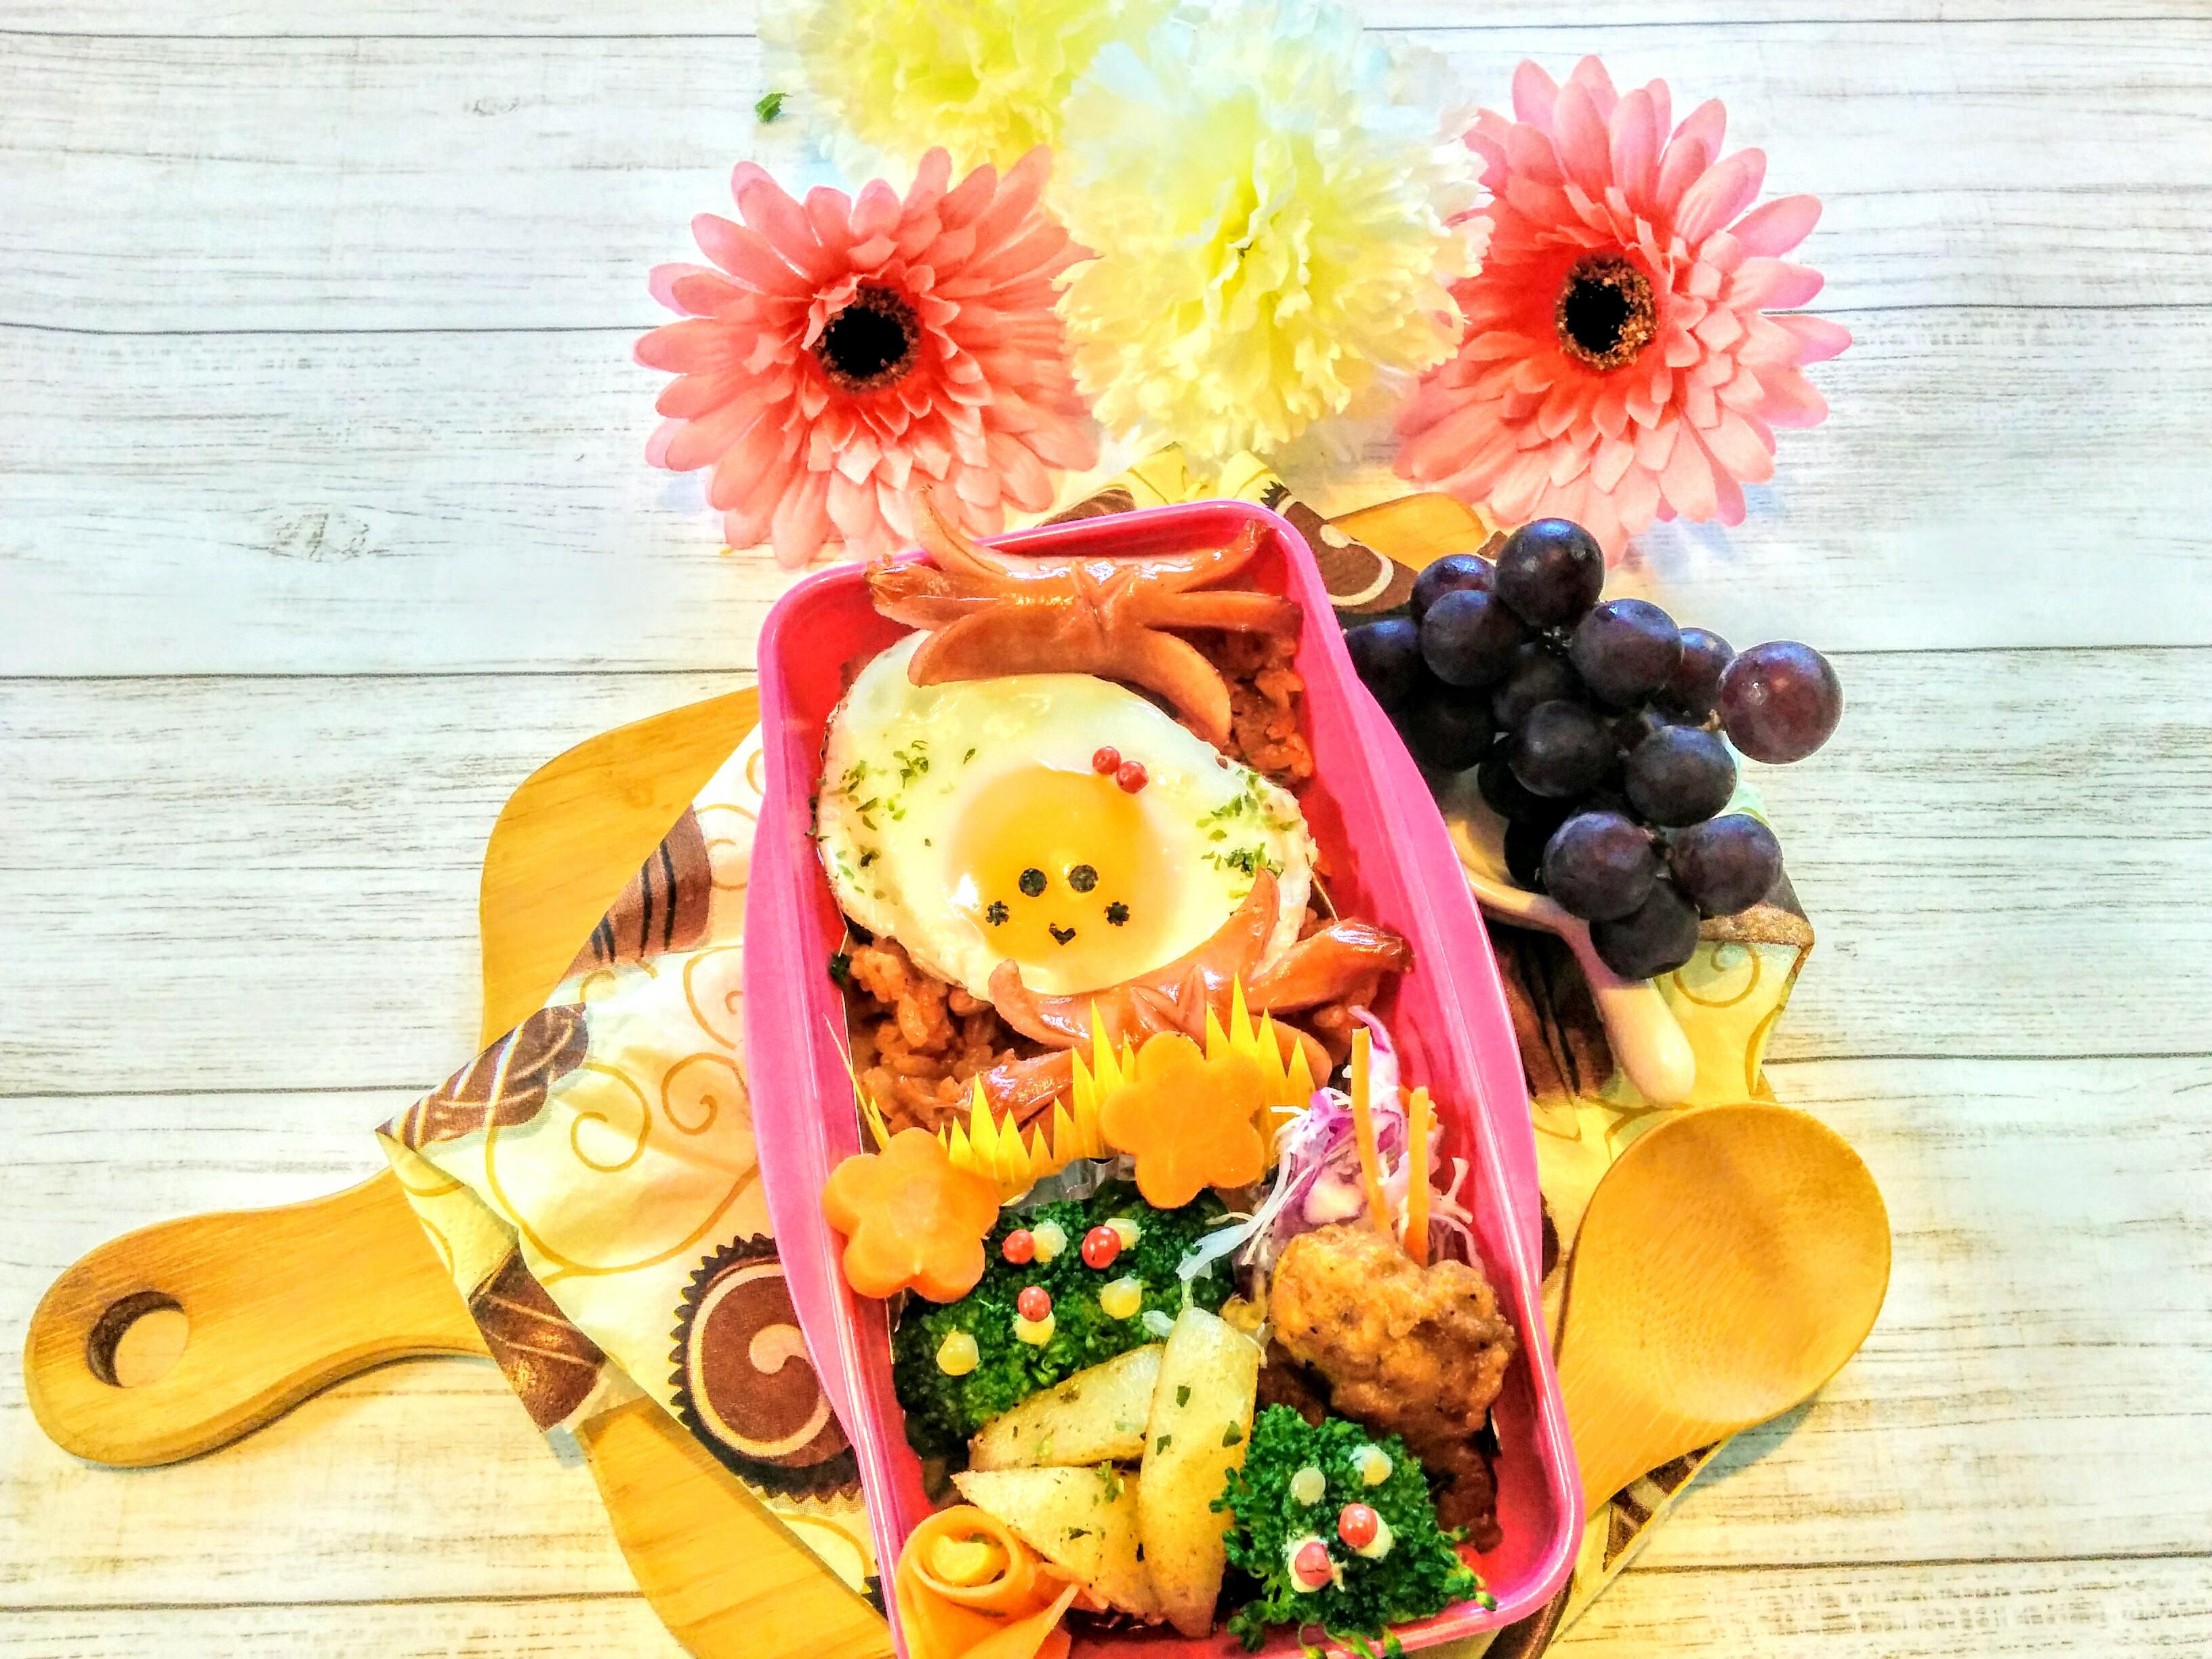 【小樽】娘の今日のお弁当・ケチャップライス弁当グルメ案内です。